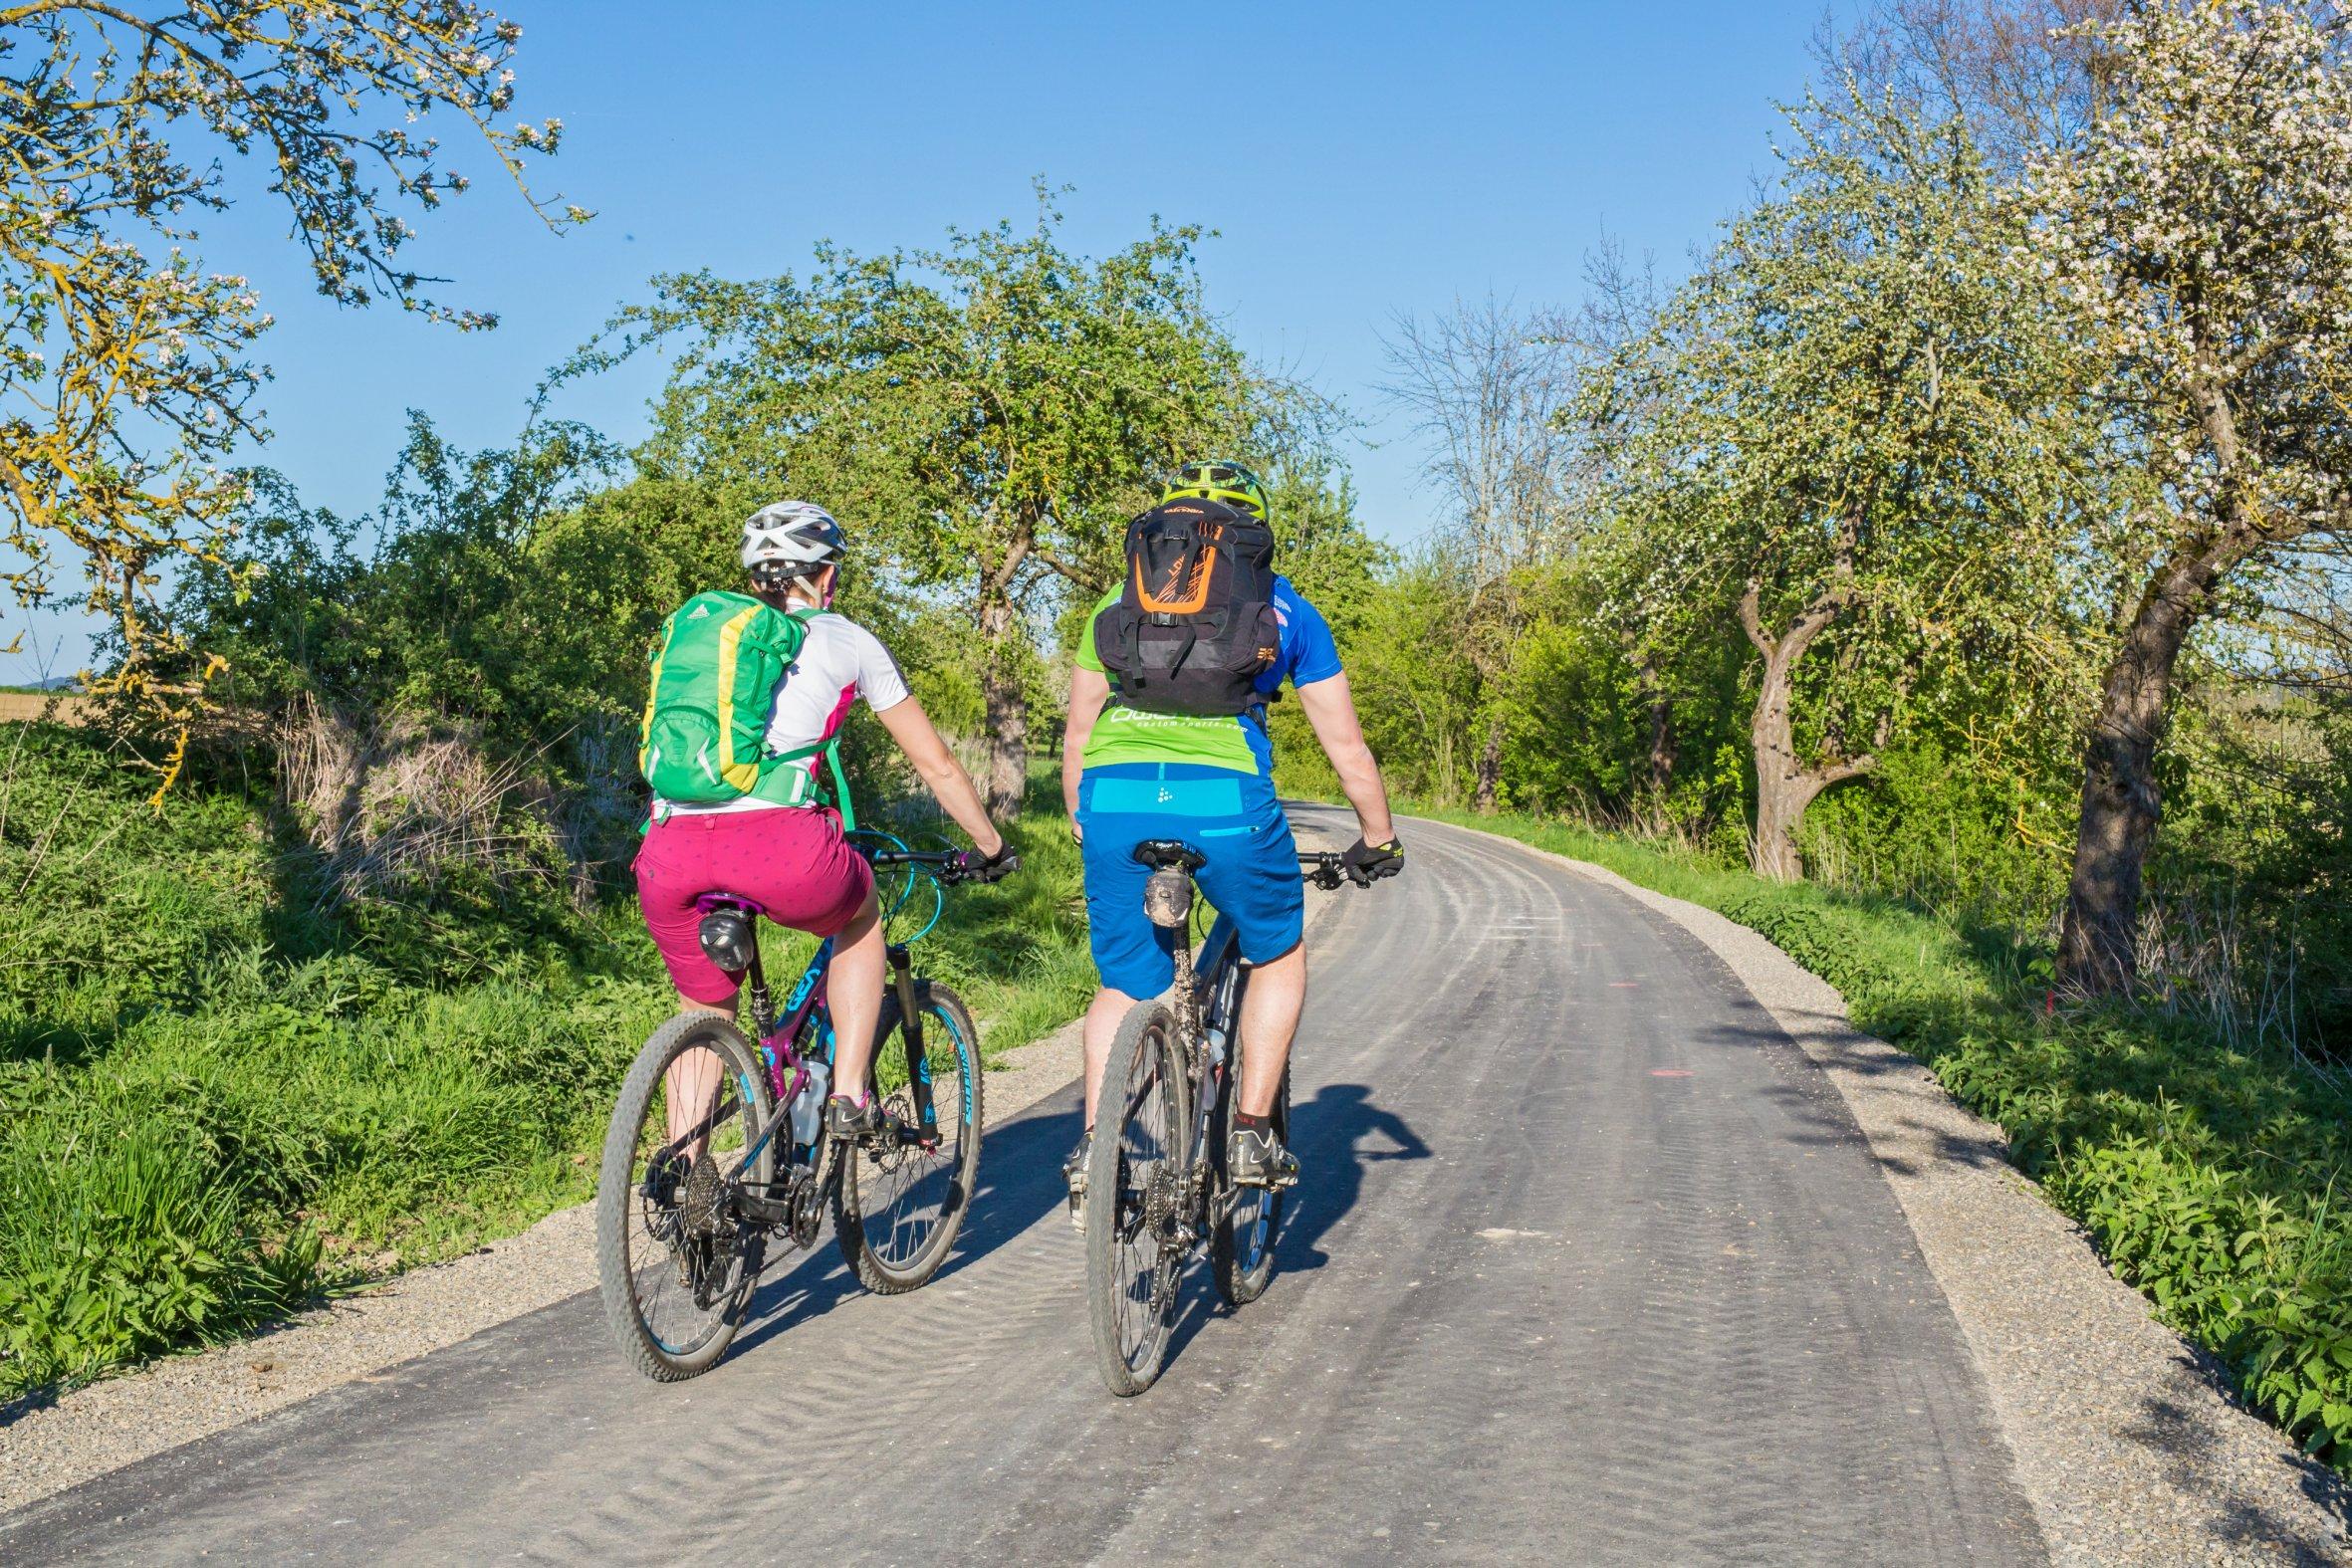 Zwei Radfahrer von hinten auf asphaltiertem Weg, umgeben von Bäumen und Sträucher